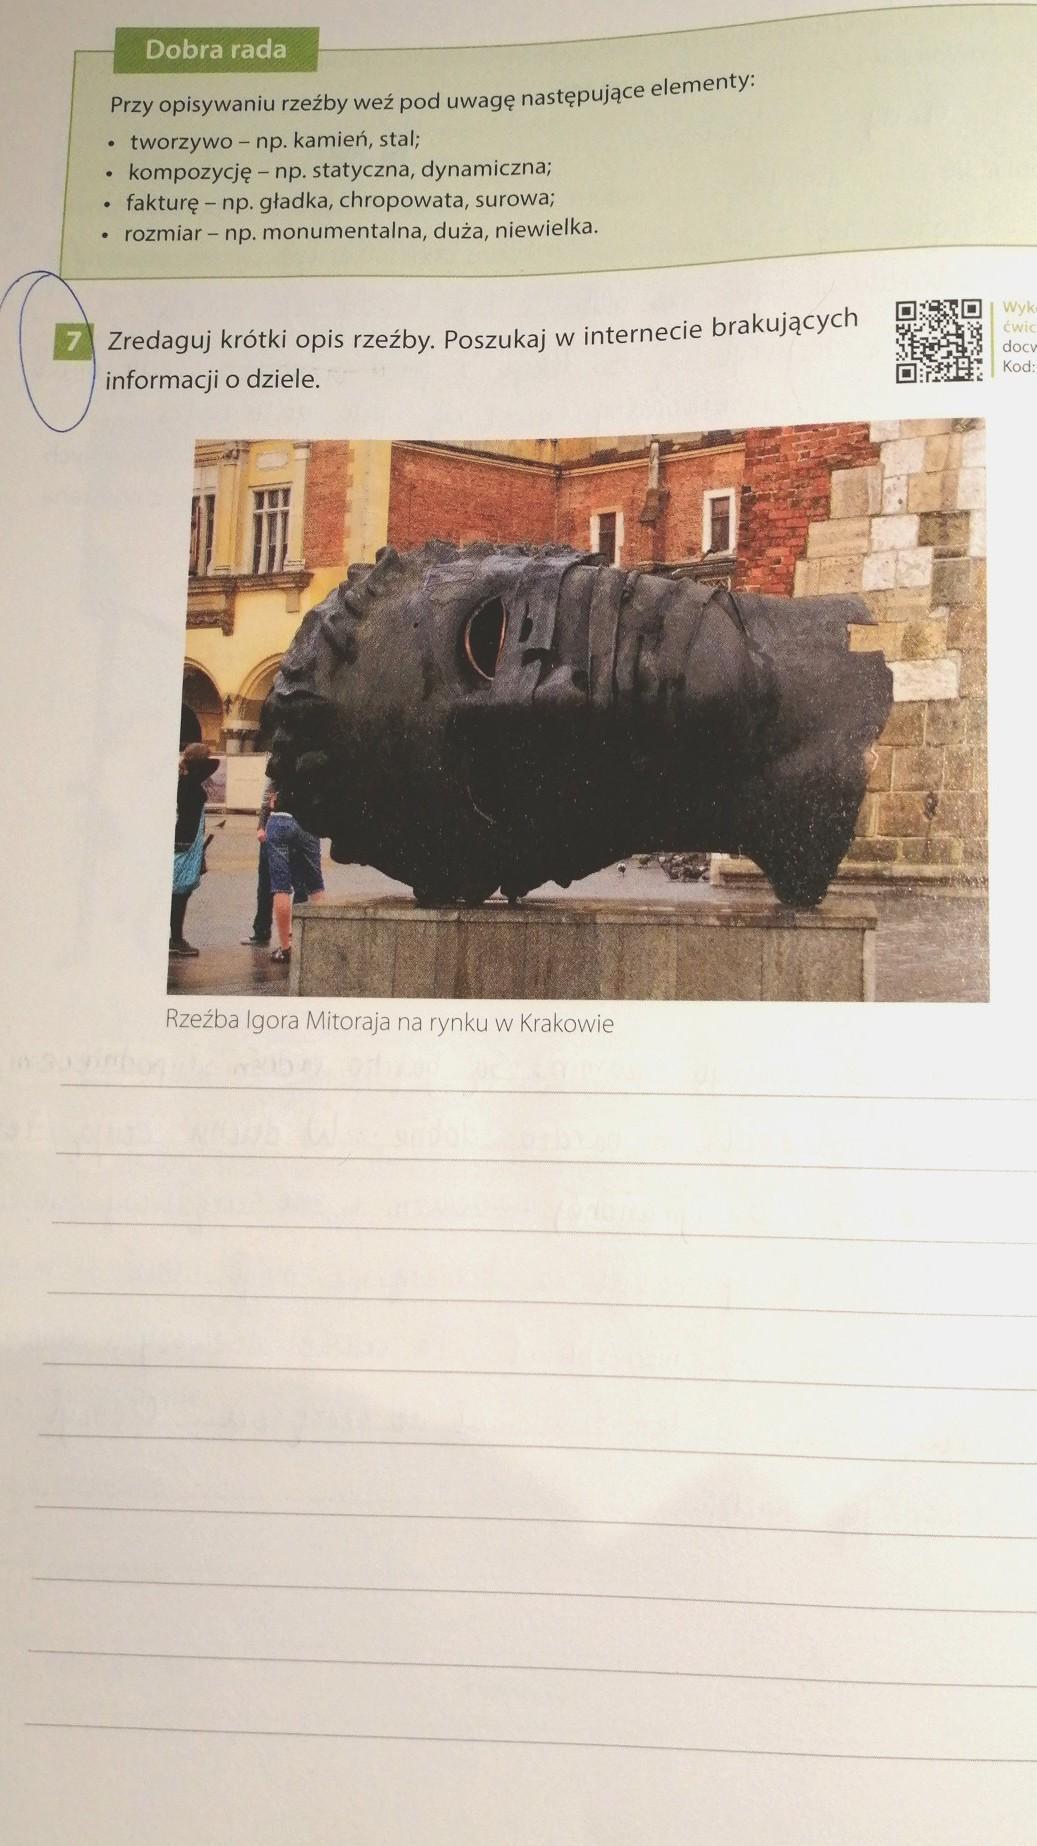 7 Zredaguj Krótki Opis Rzeźby Poszukaj W Internecie